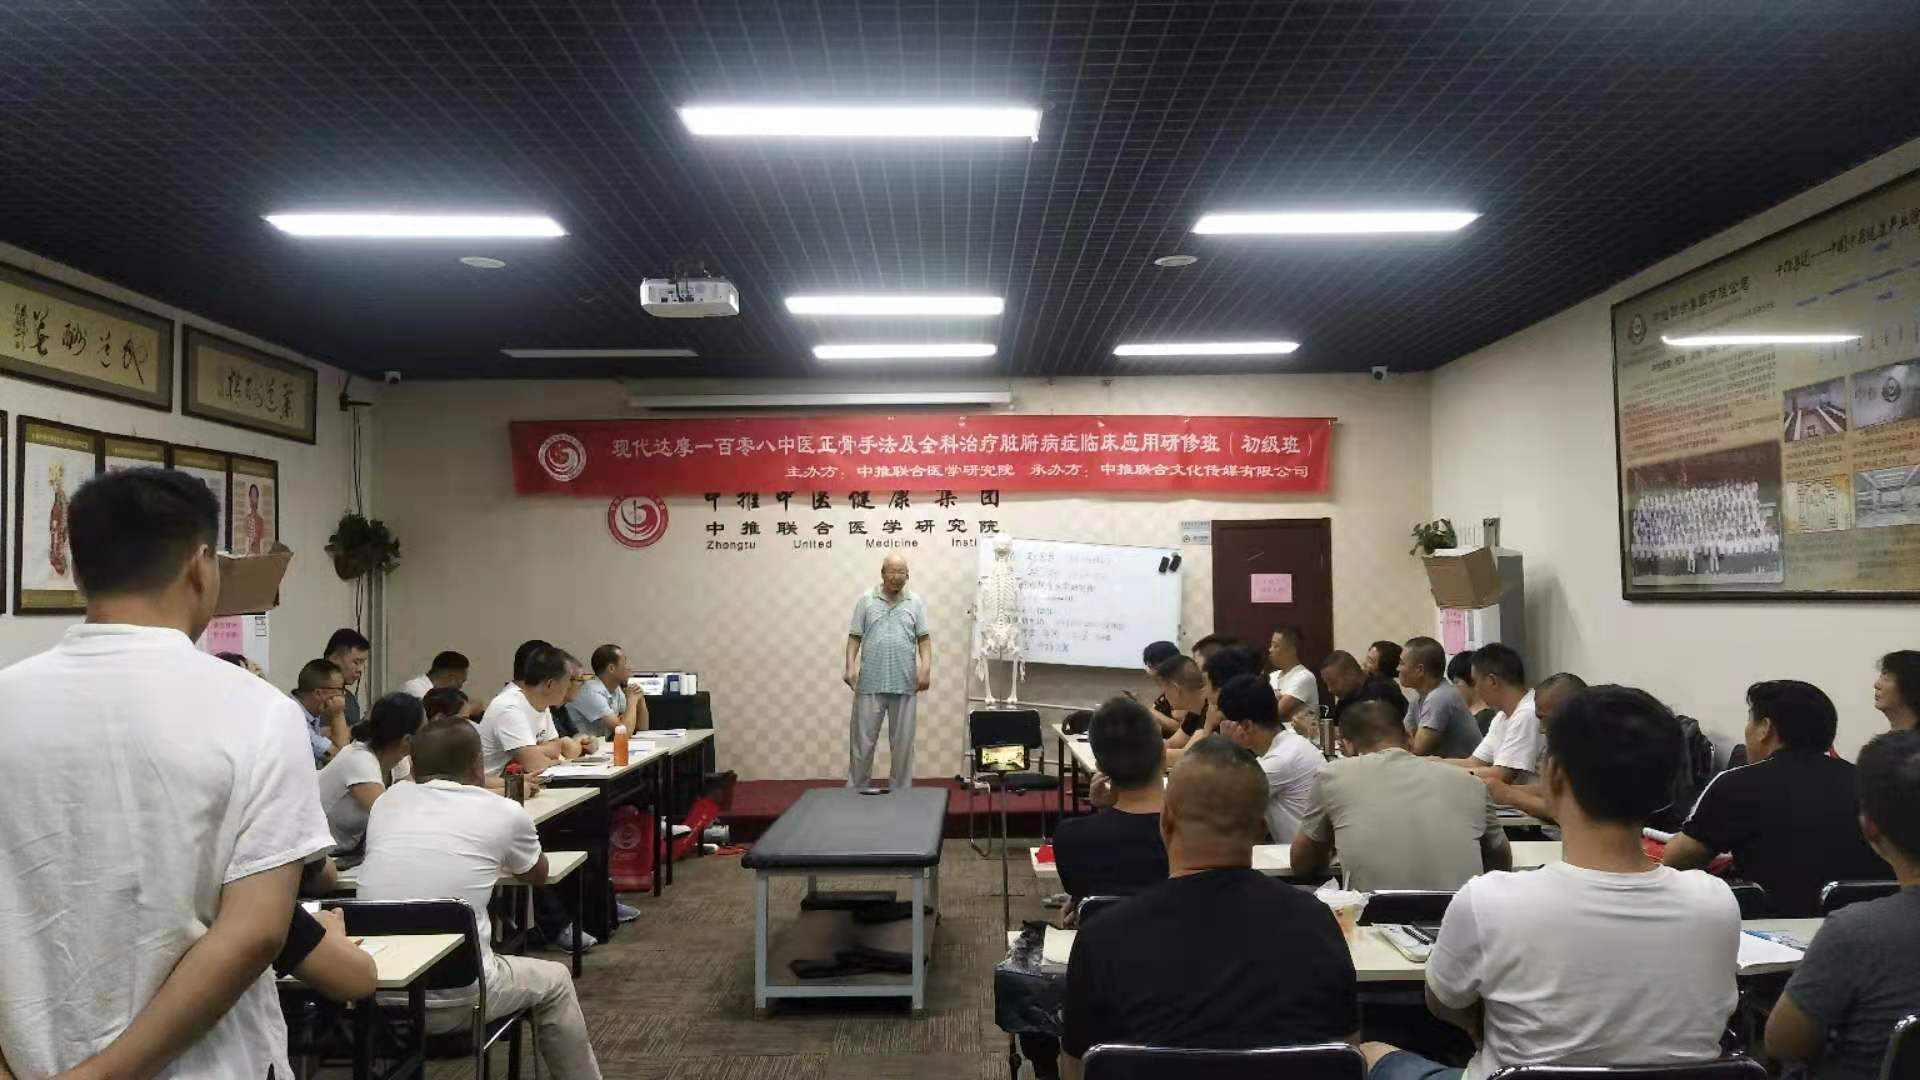 上海知名李茂发达摩正骨培训机构